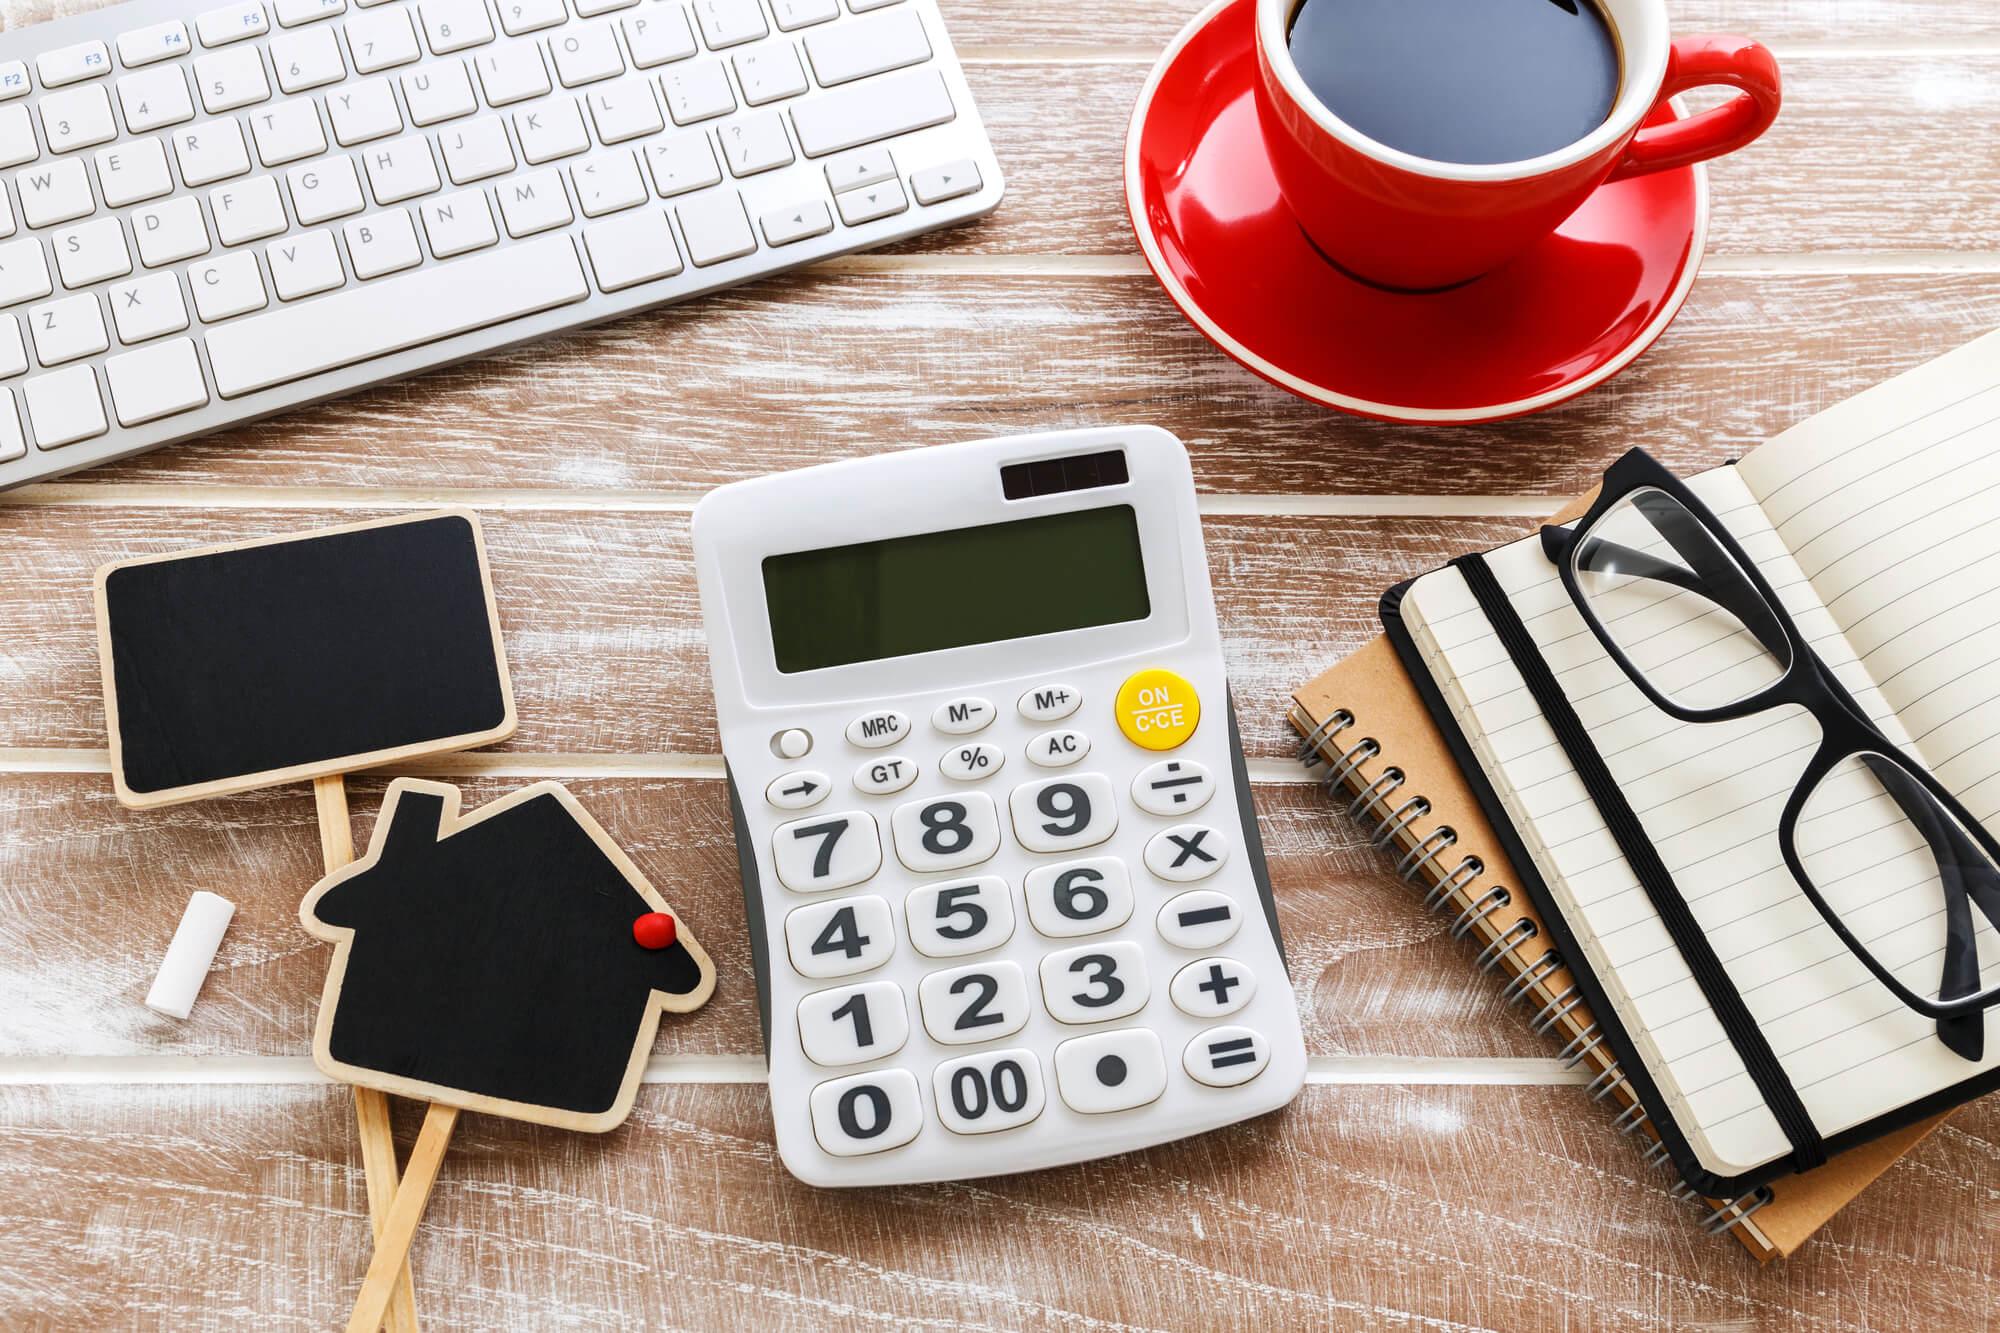 福山市の会計コンサルティングに強い税理士事務所|藤井慎也会計事務所